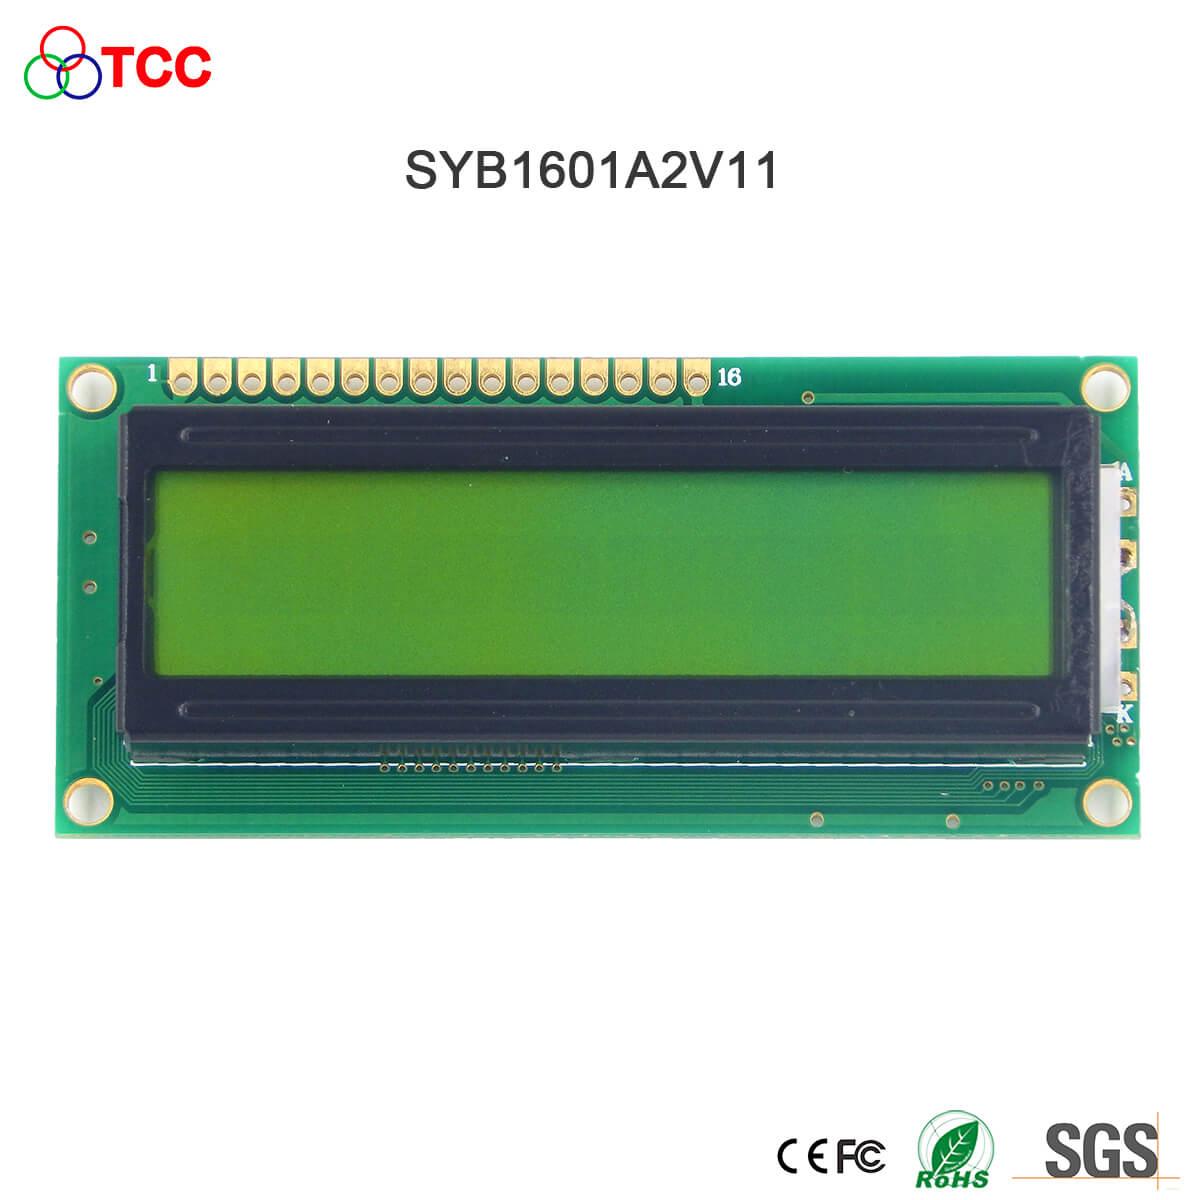 1601液晶屏品牌好_品牌好的1601液晶屏,别错过三元晶科技